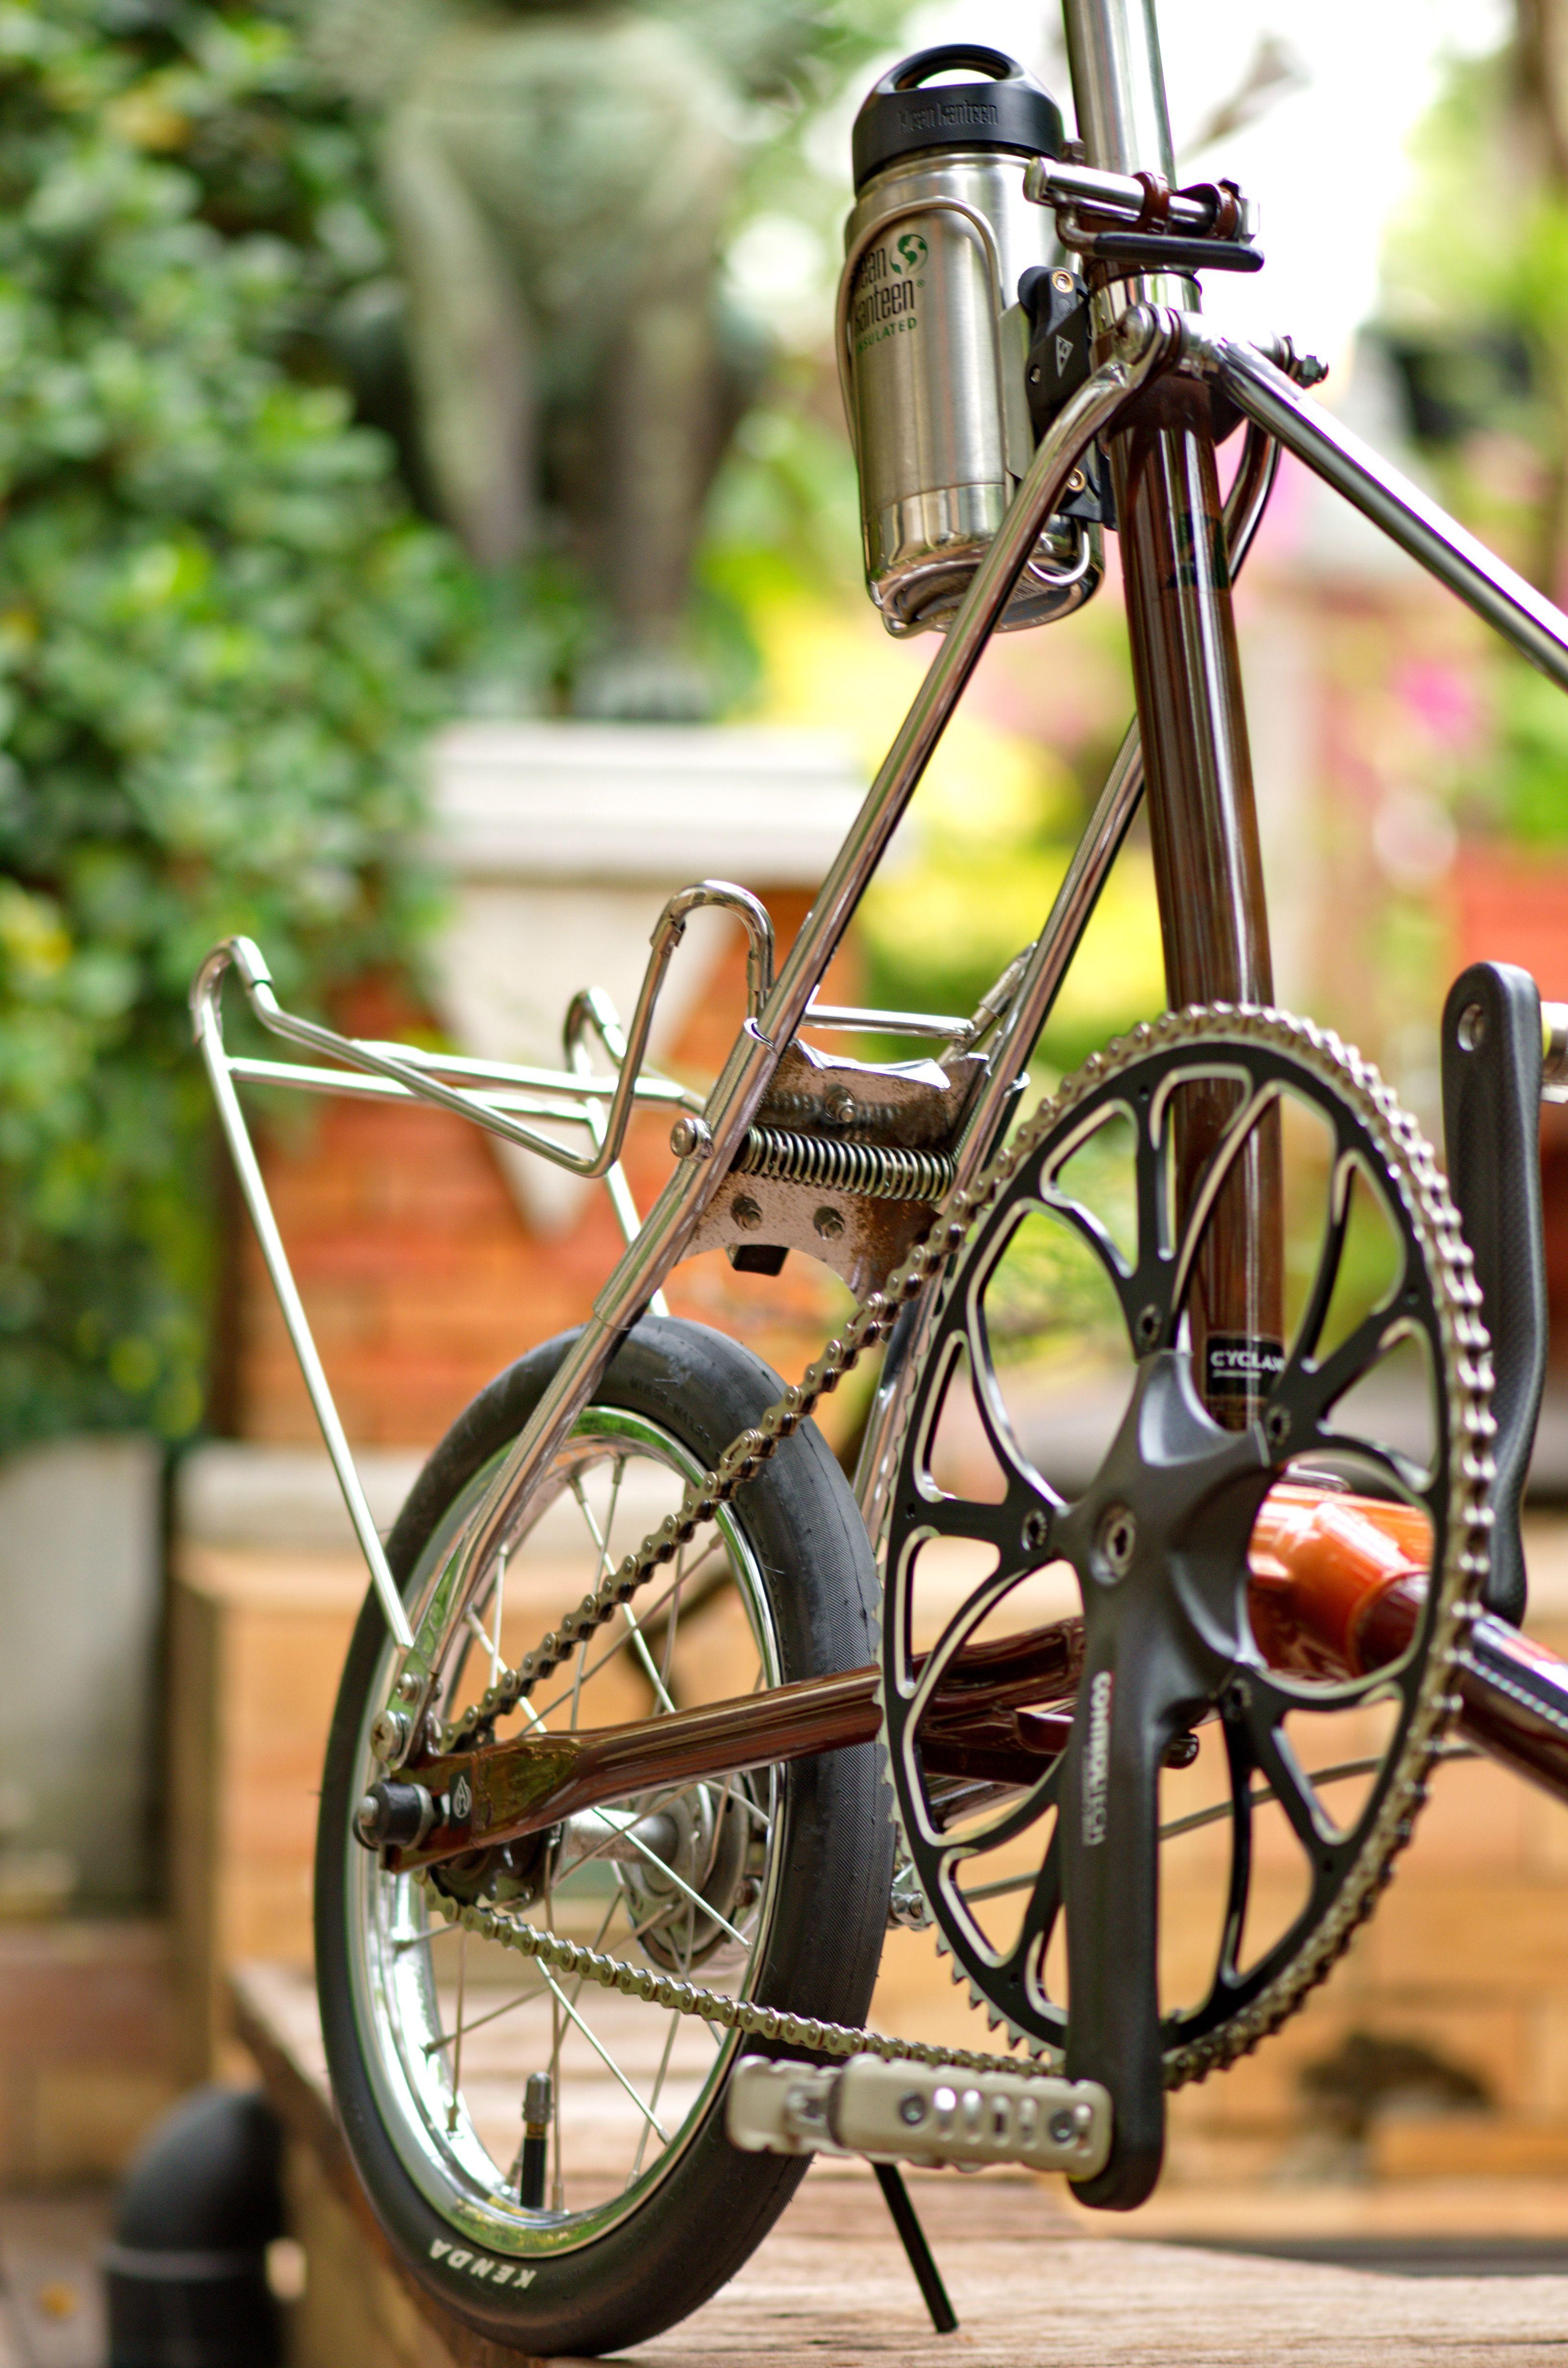 Bridgestone Picnica Onetouch Picnica Lovers Mini Velo Sepeda